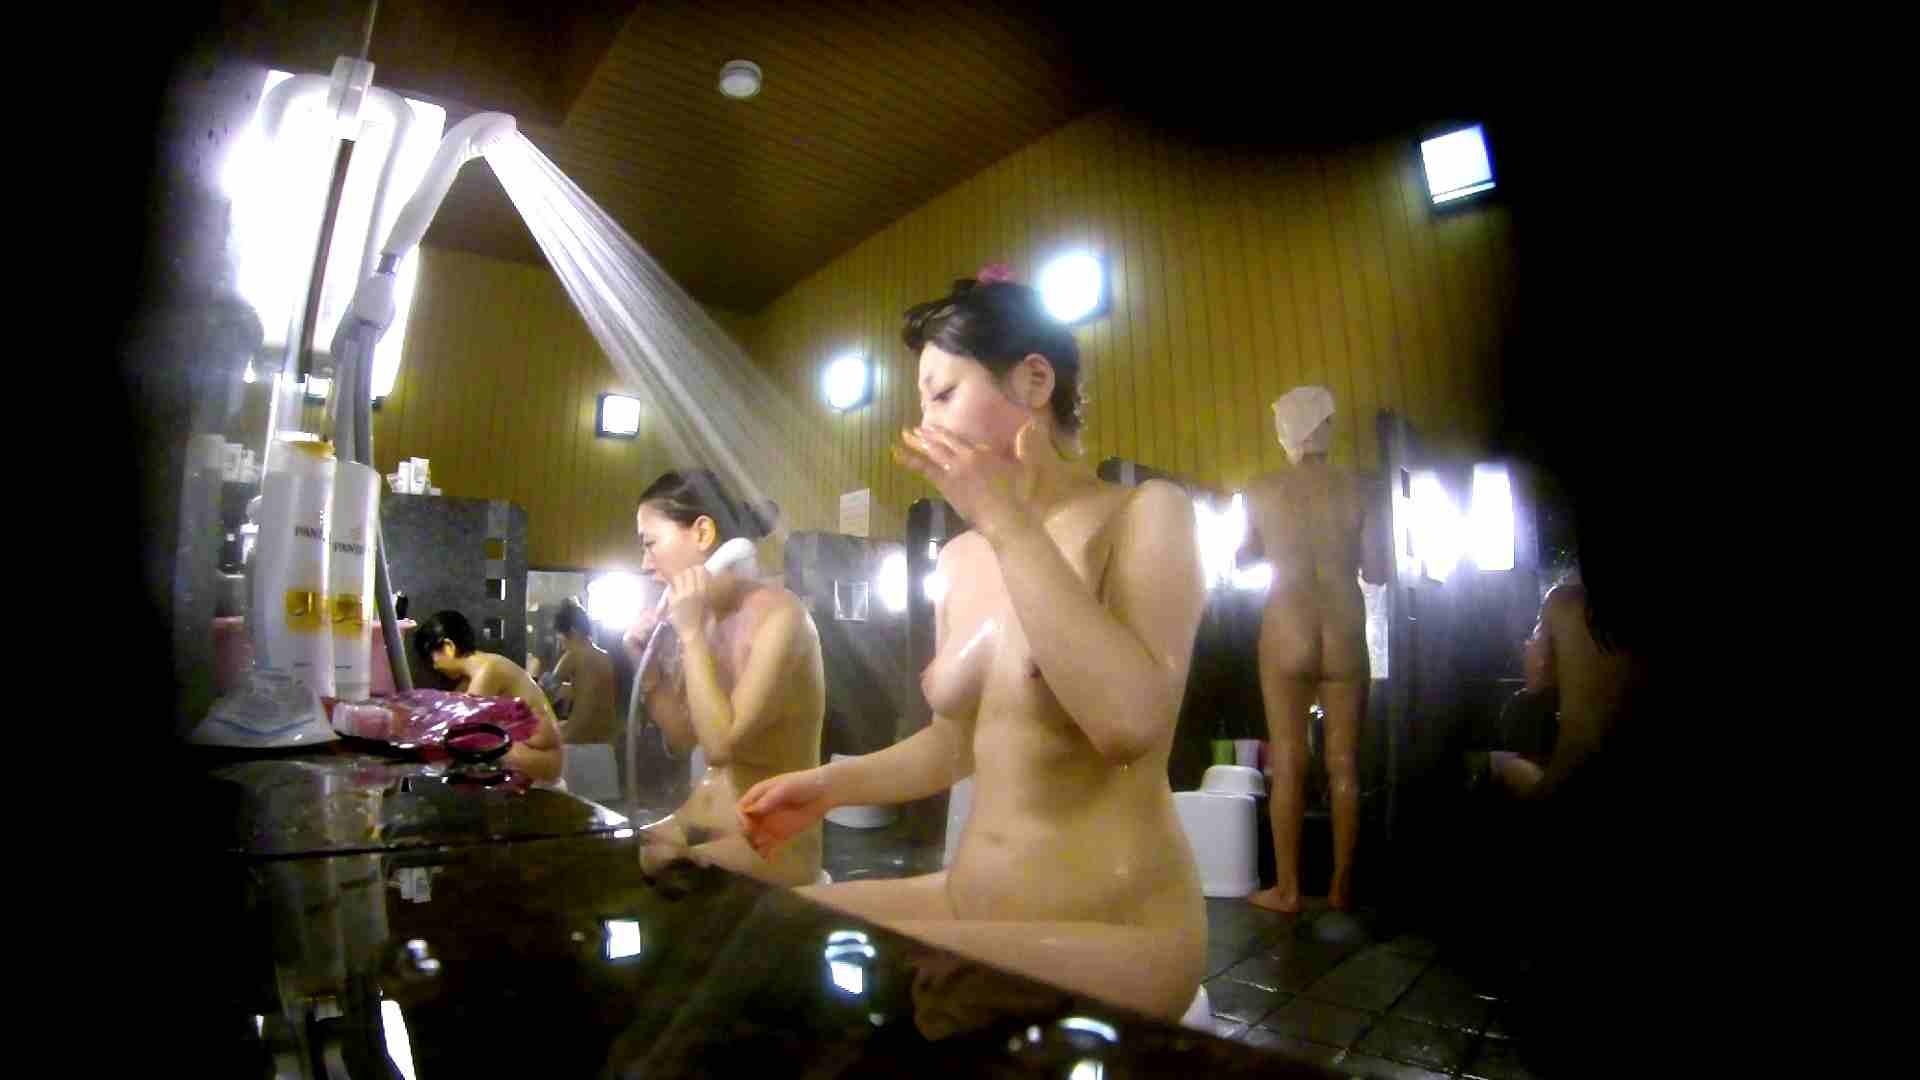 洗い場!柔らかそうな身体は良いけど、歯磨きが下品です。 潜入  107画像 56